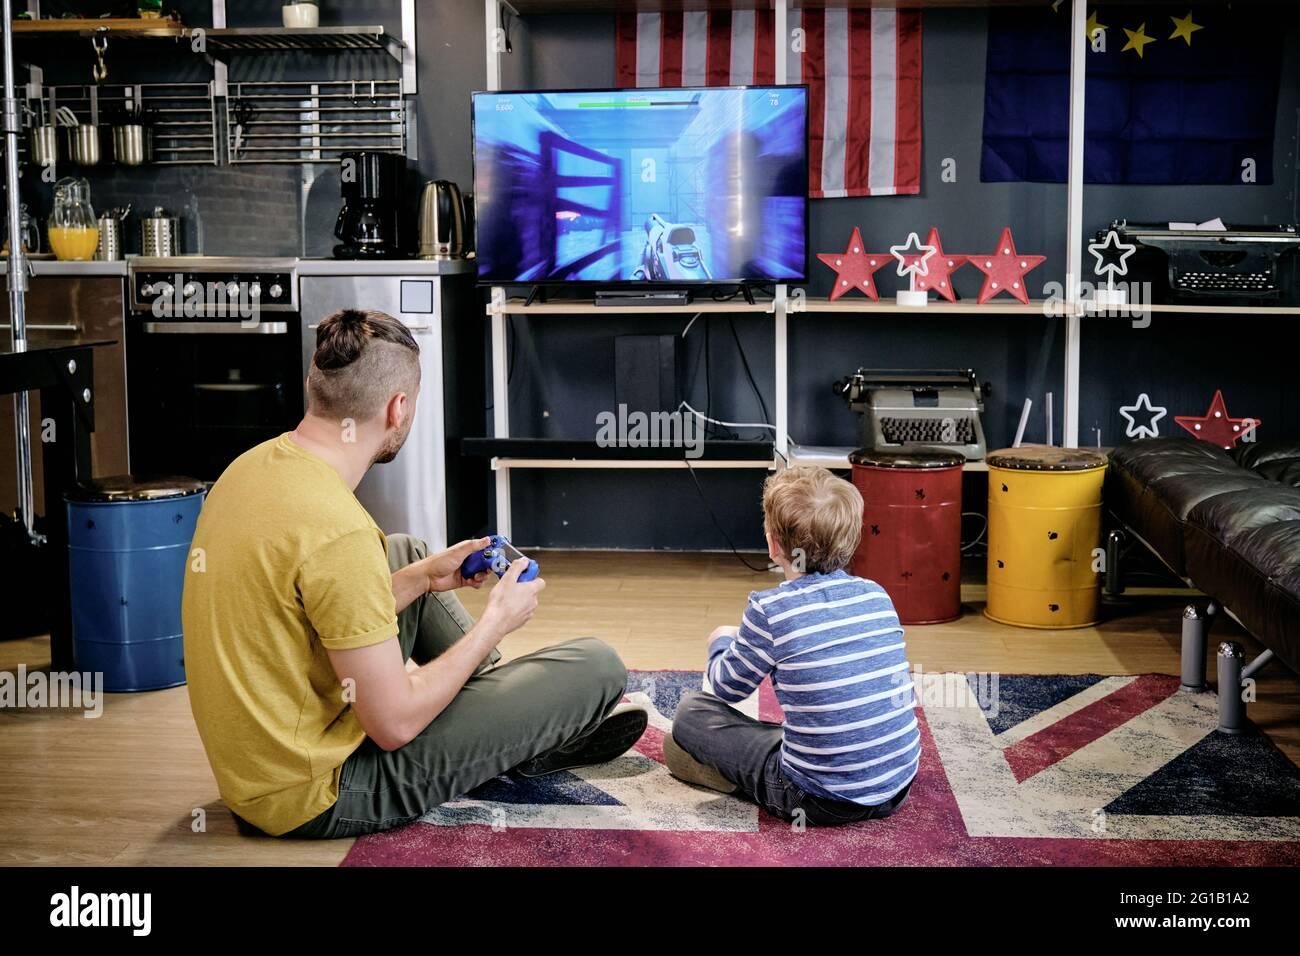 Vista posterior de un joven y un niño jugando a videojuegos en el suelo Foto de stock